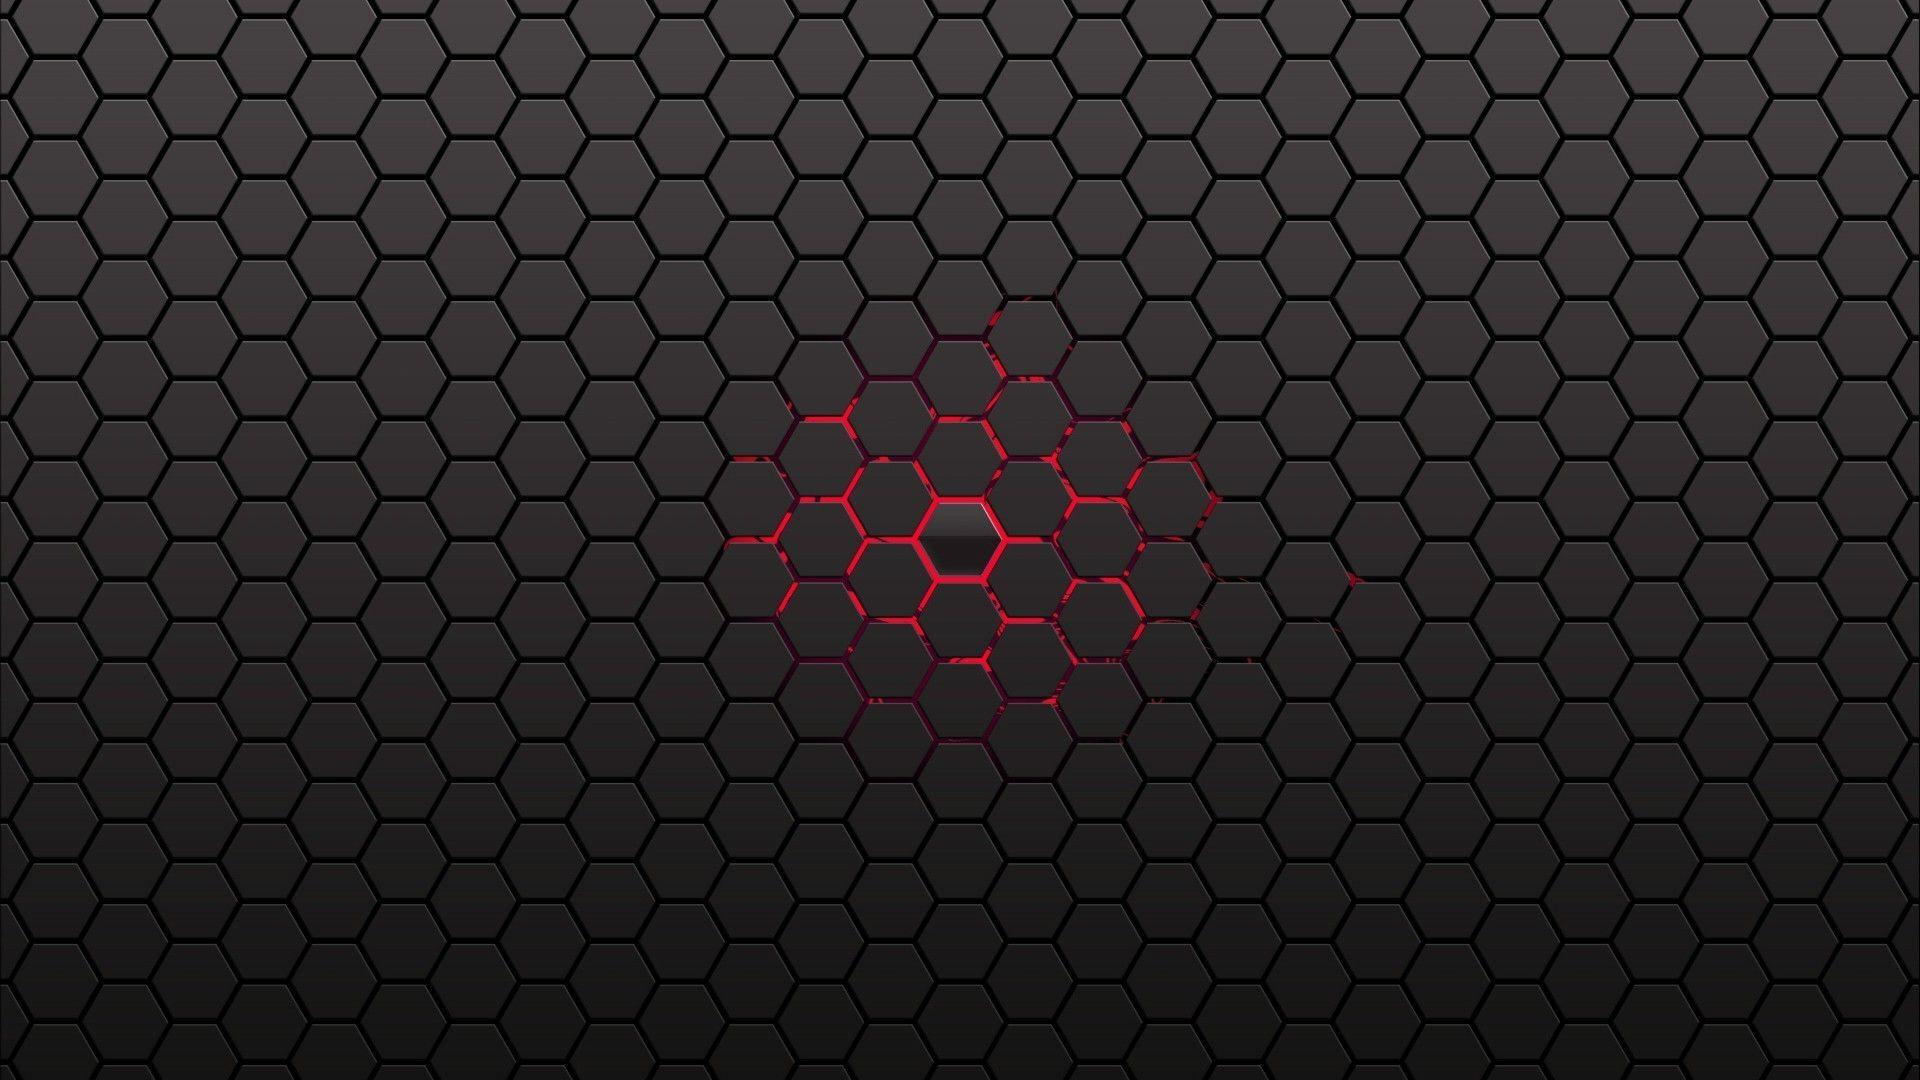 Blue Honeycomb Pattern Wallpaper Hexagon Wallpaper Honeycomb Wallpaper Abstract Wallpaper